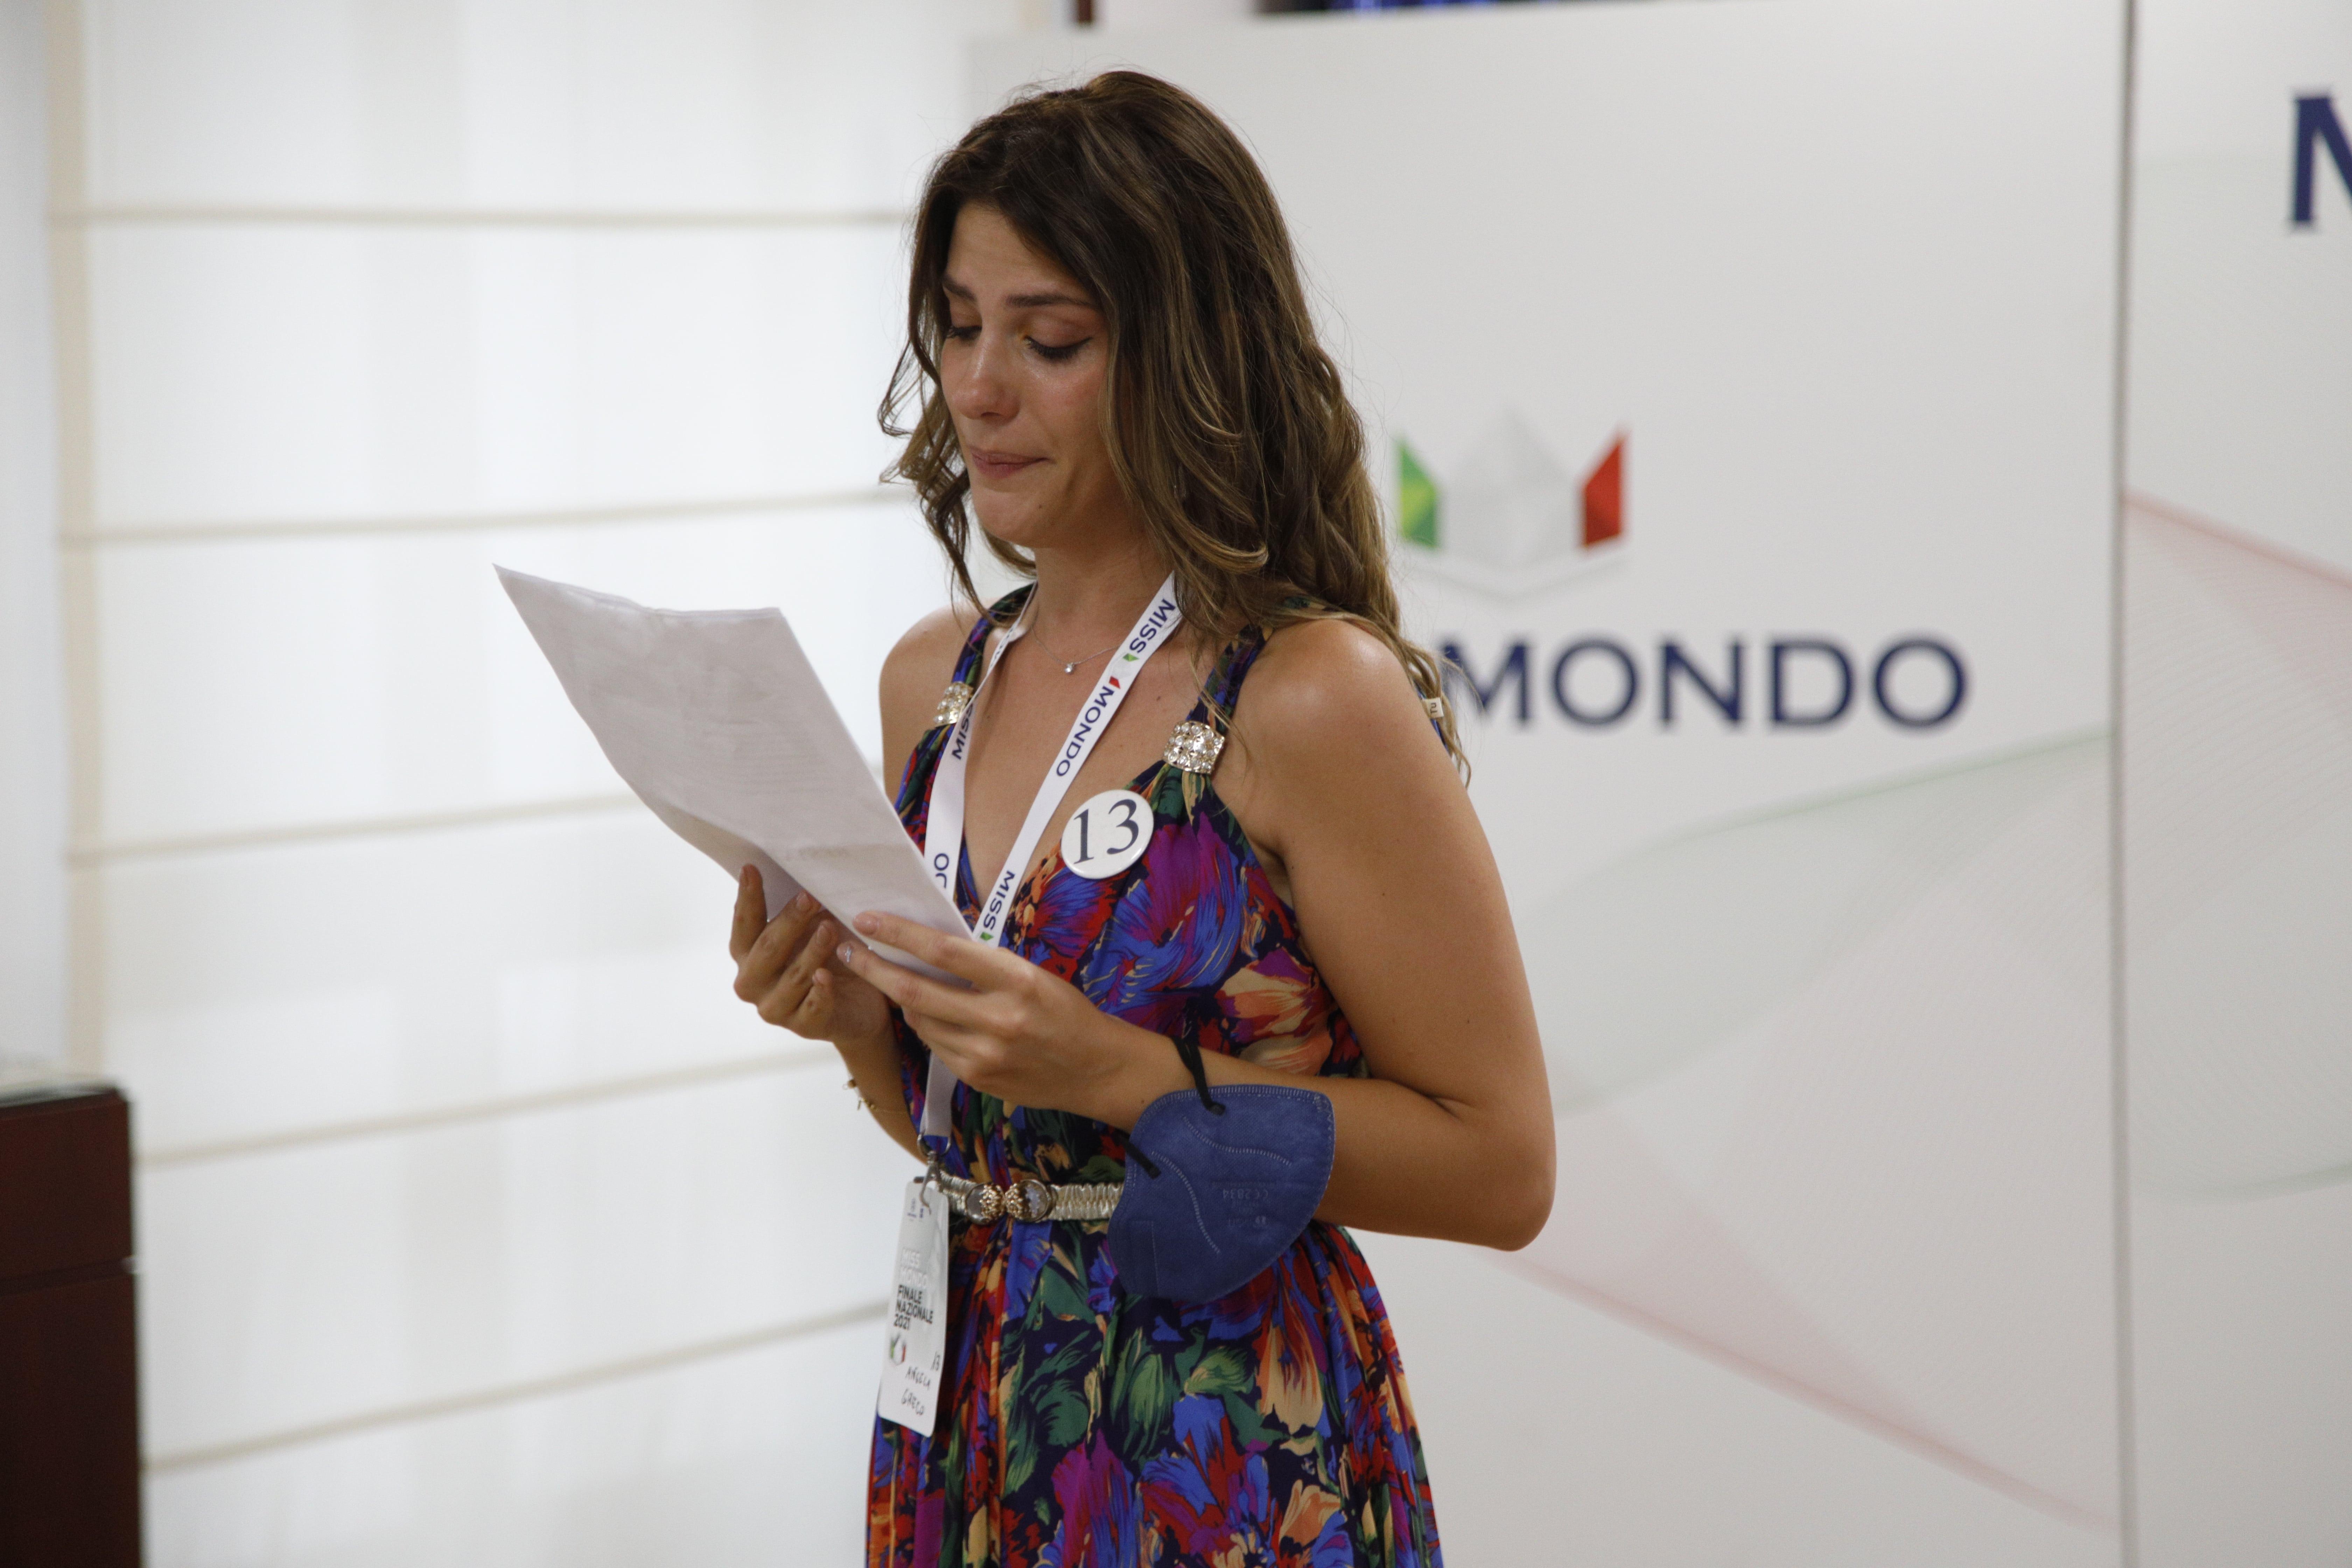 Finale nazione Miss Mondo Italia 2021 Audizione Talent 1 - 31